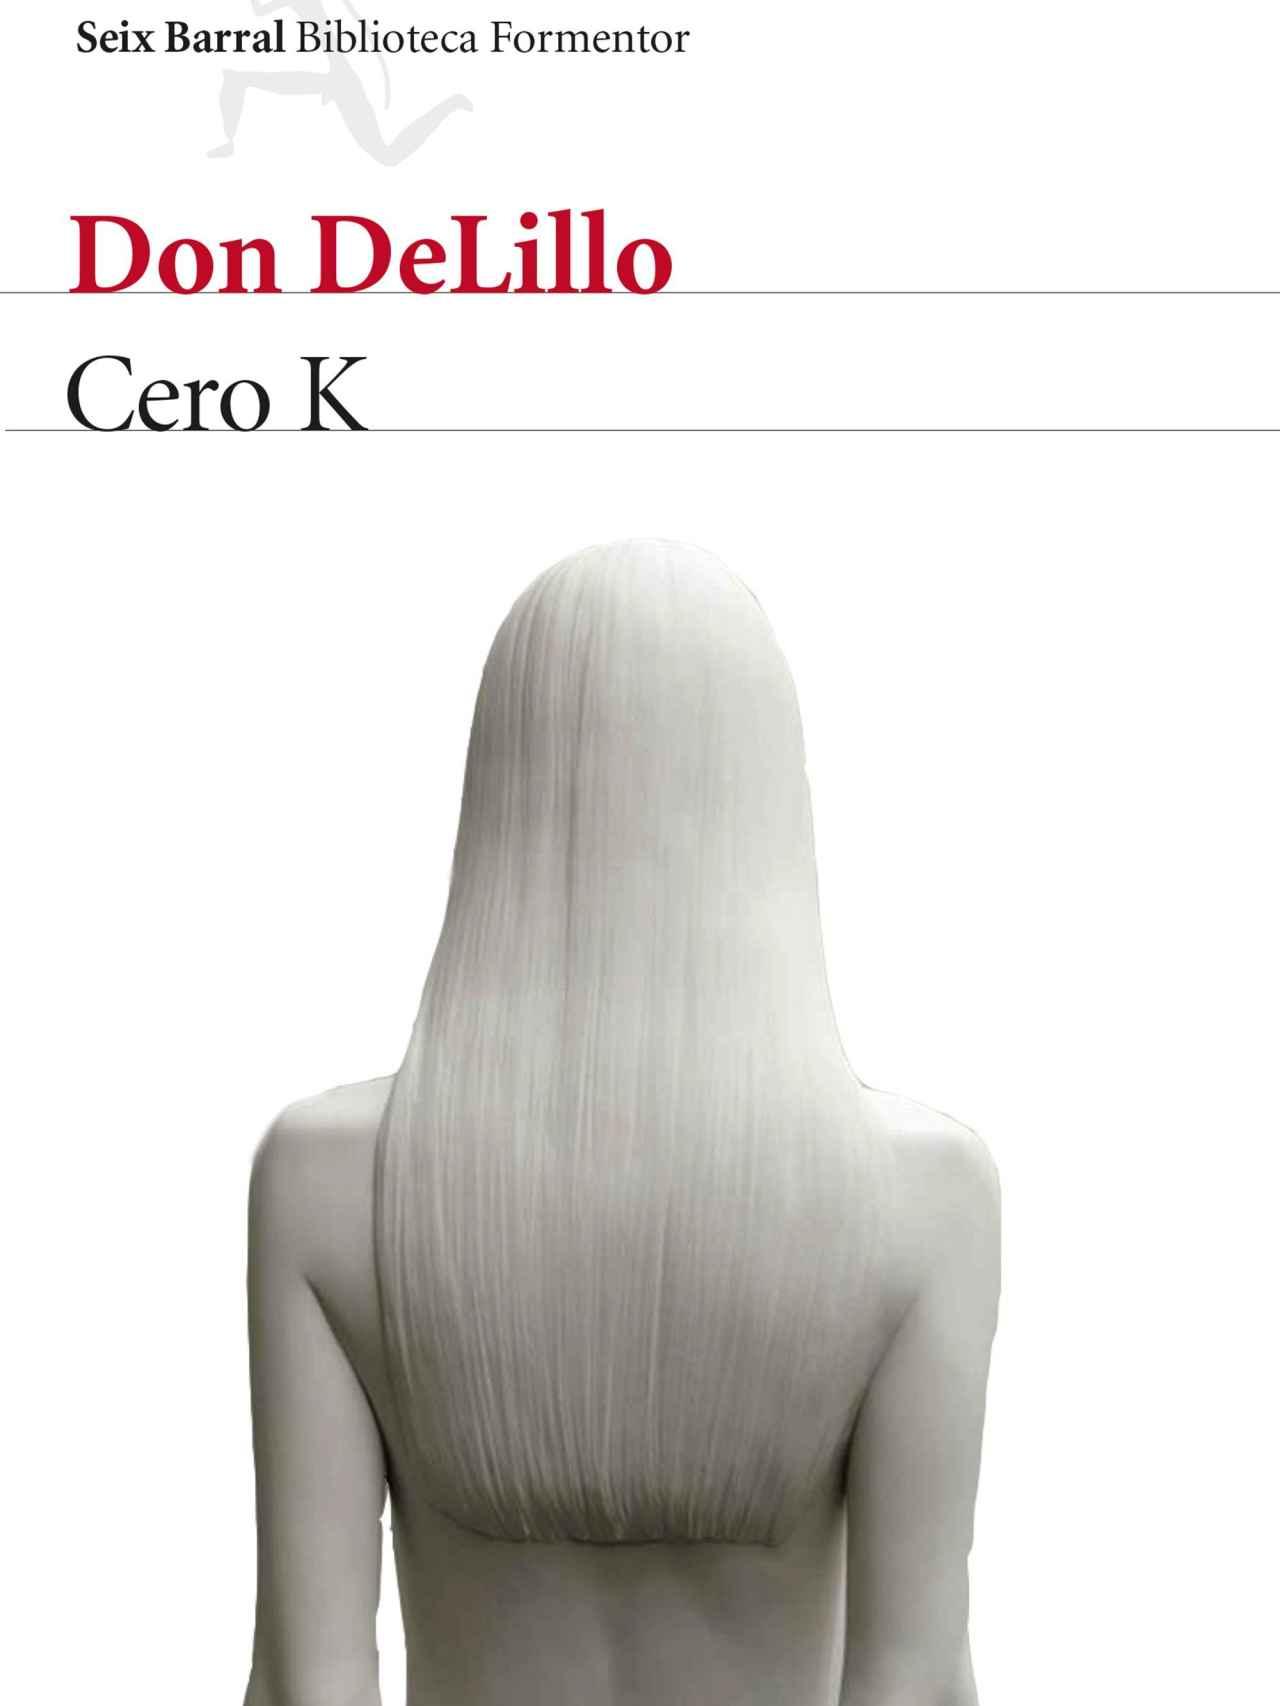 Portada de Cero K, de Don DeLillo.